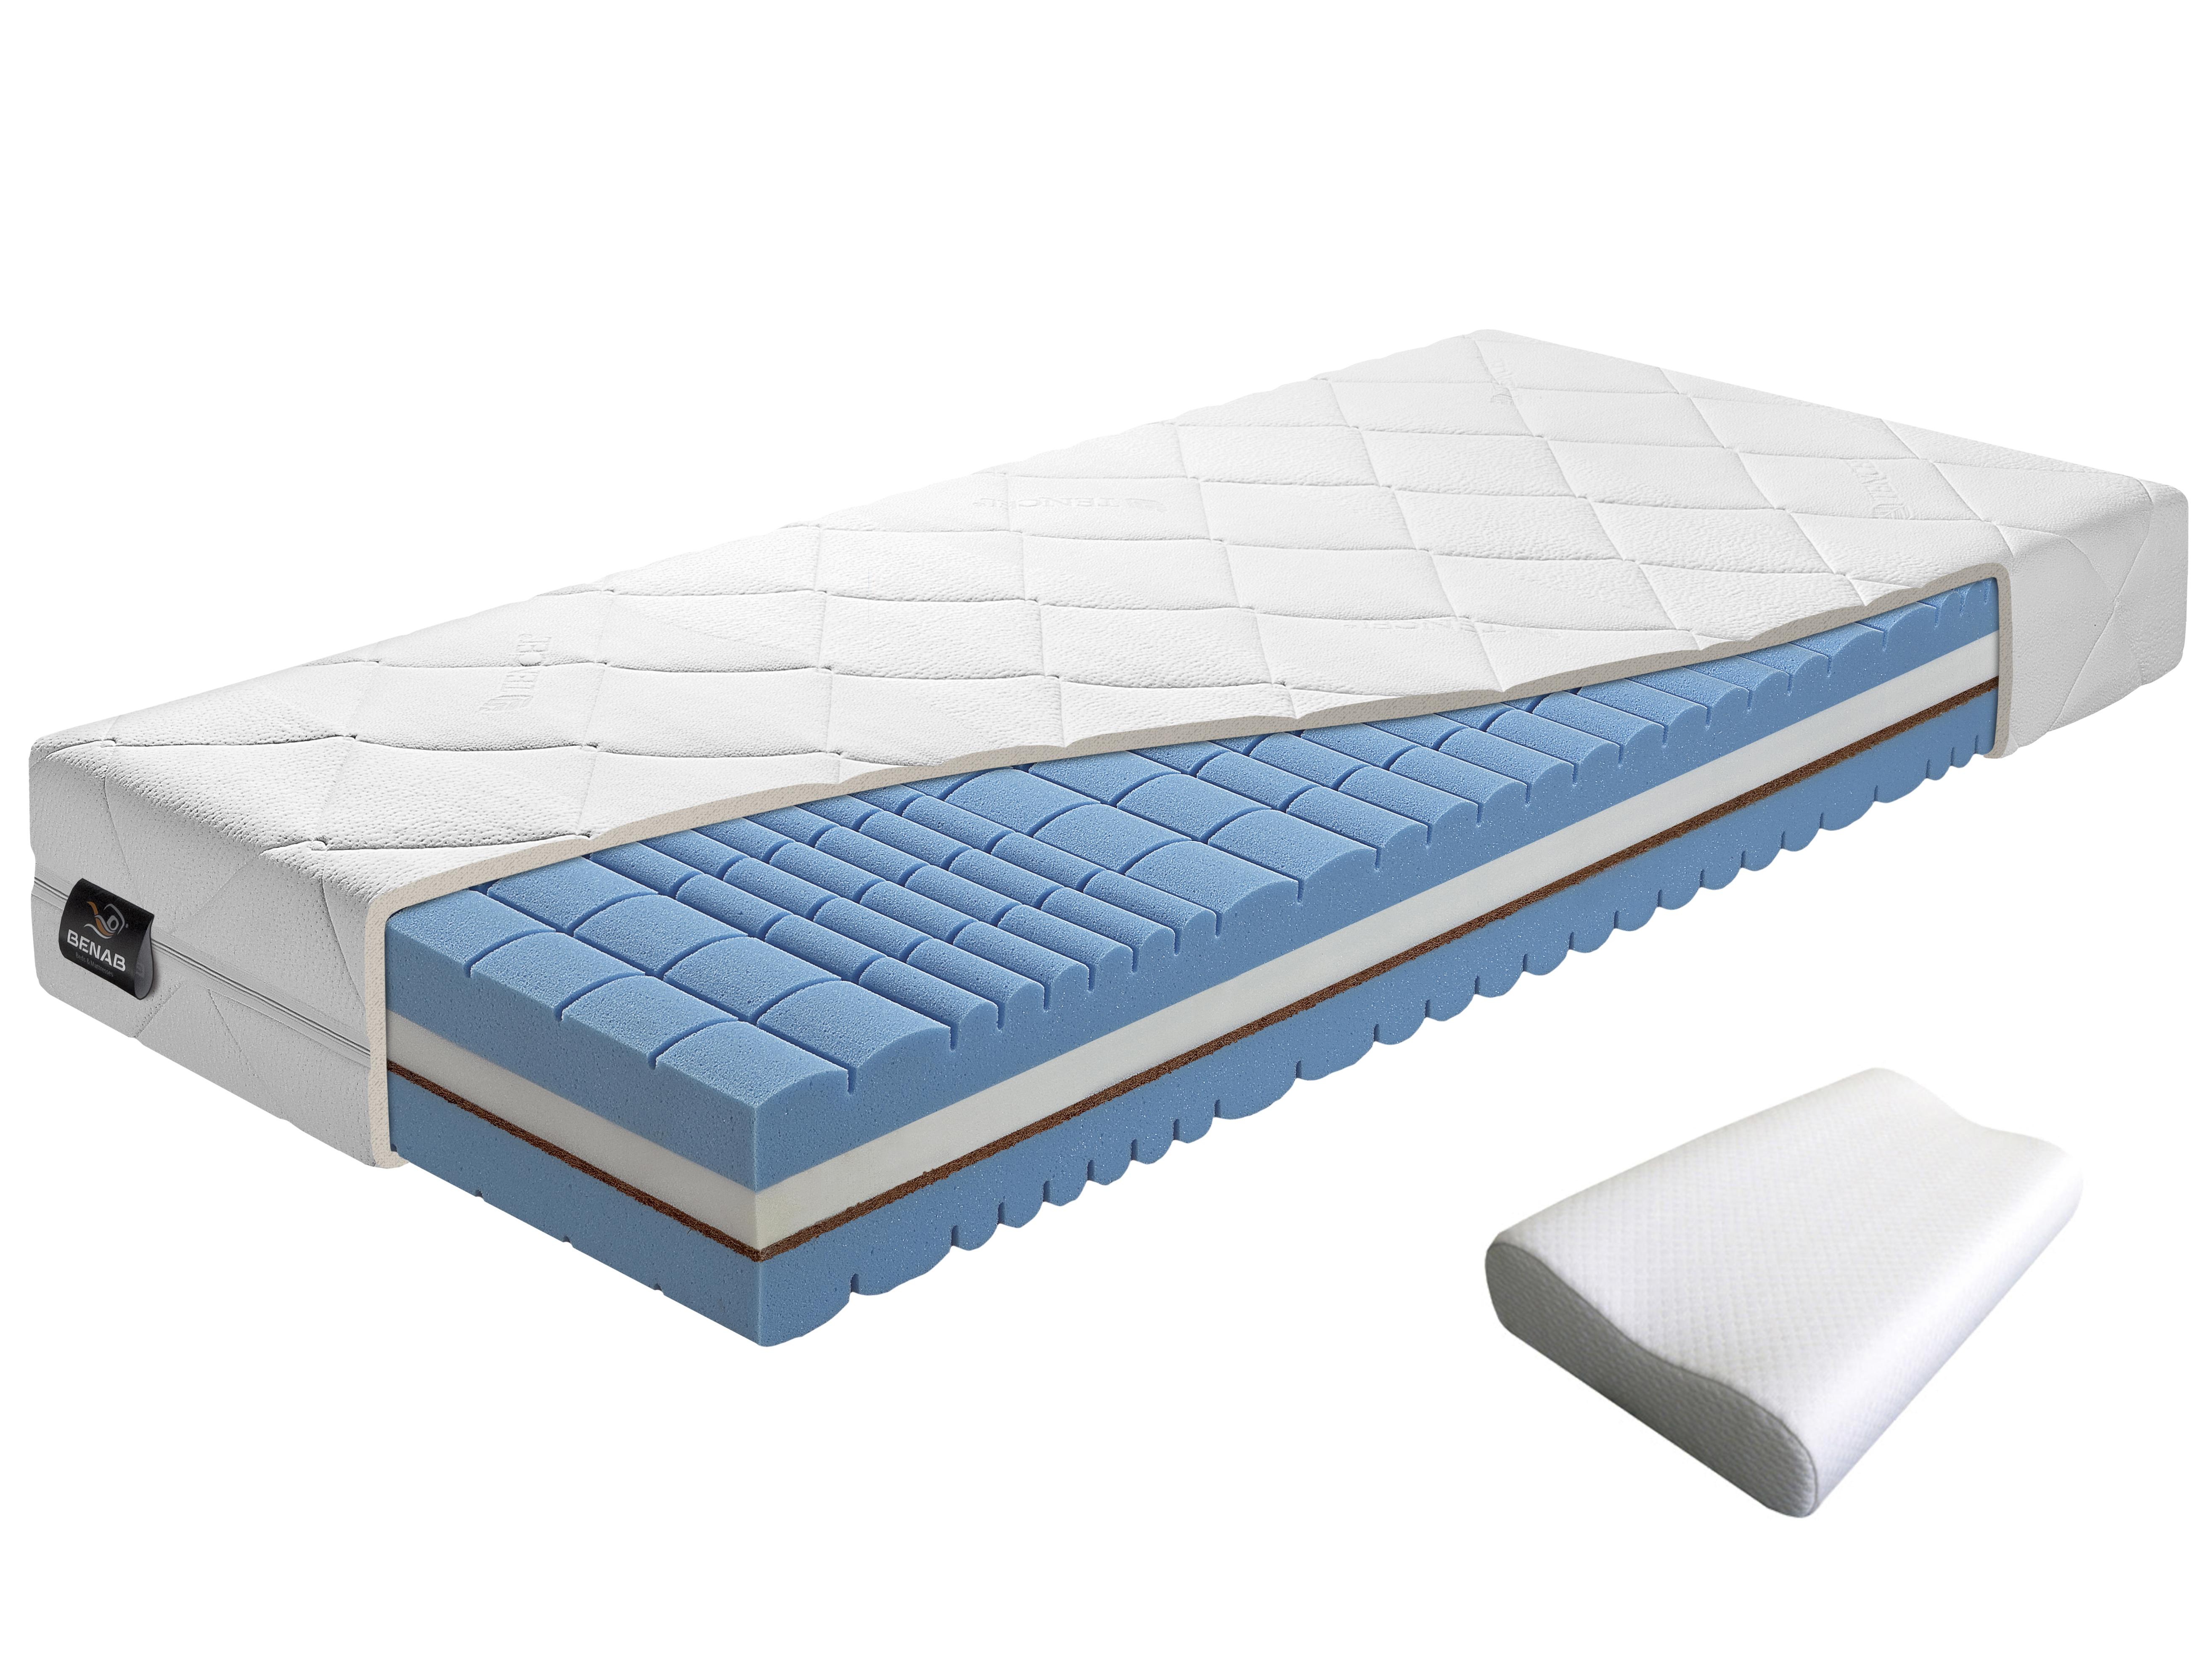 Pěnová matrace - Benab - Delta Flex - 200x80 cm (T4/T5) + polštář a chránič matrace. Prodyšná, anatomická, oboustranná matrace z vysoce pružné HR studené pěny, s přírodní kokosovou deskou, pro nejnáročnější. Vyrobená na Slovensku.